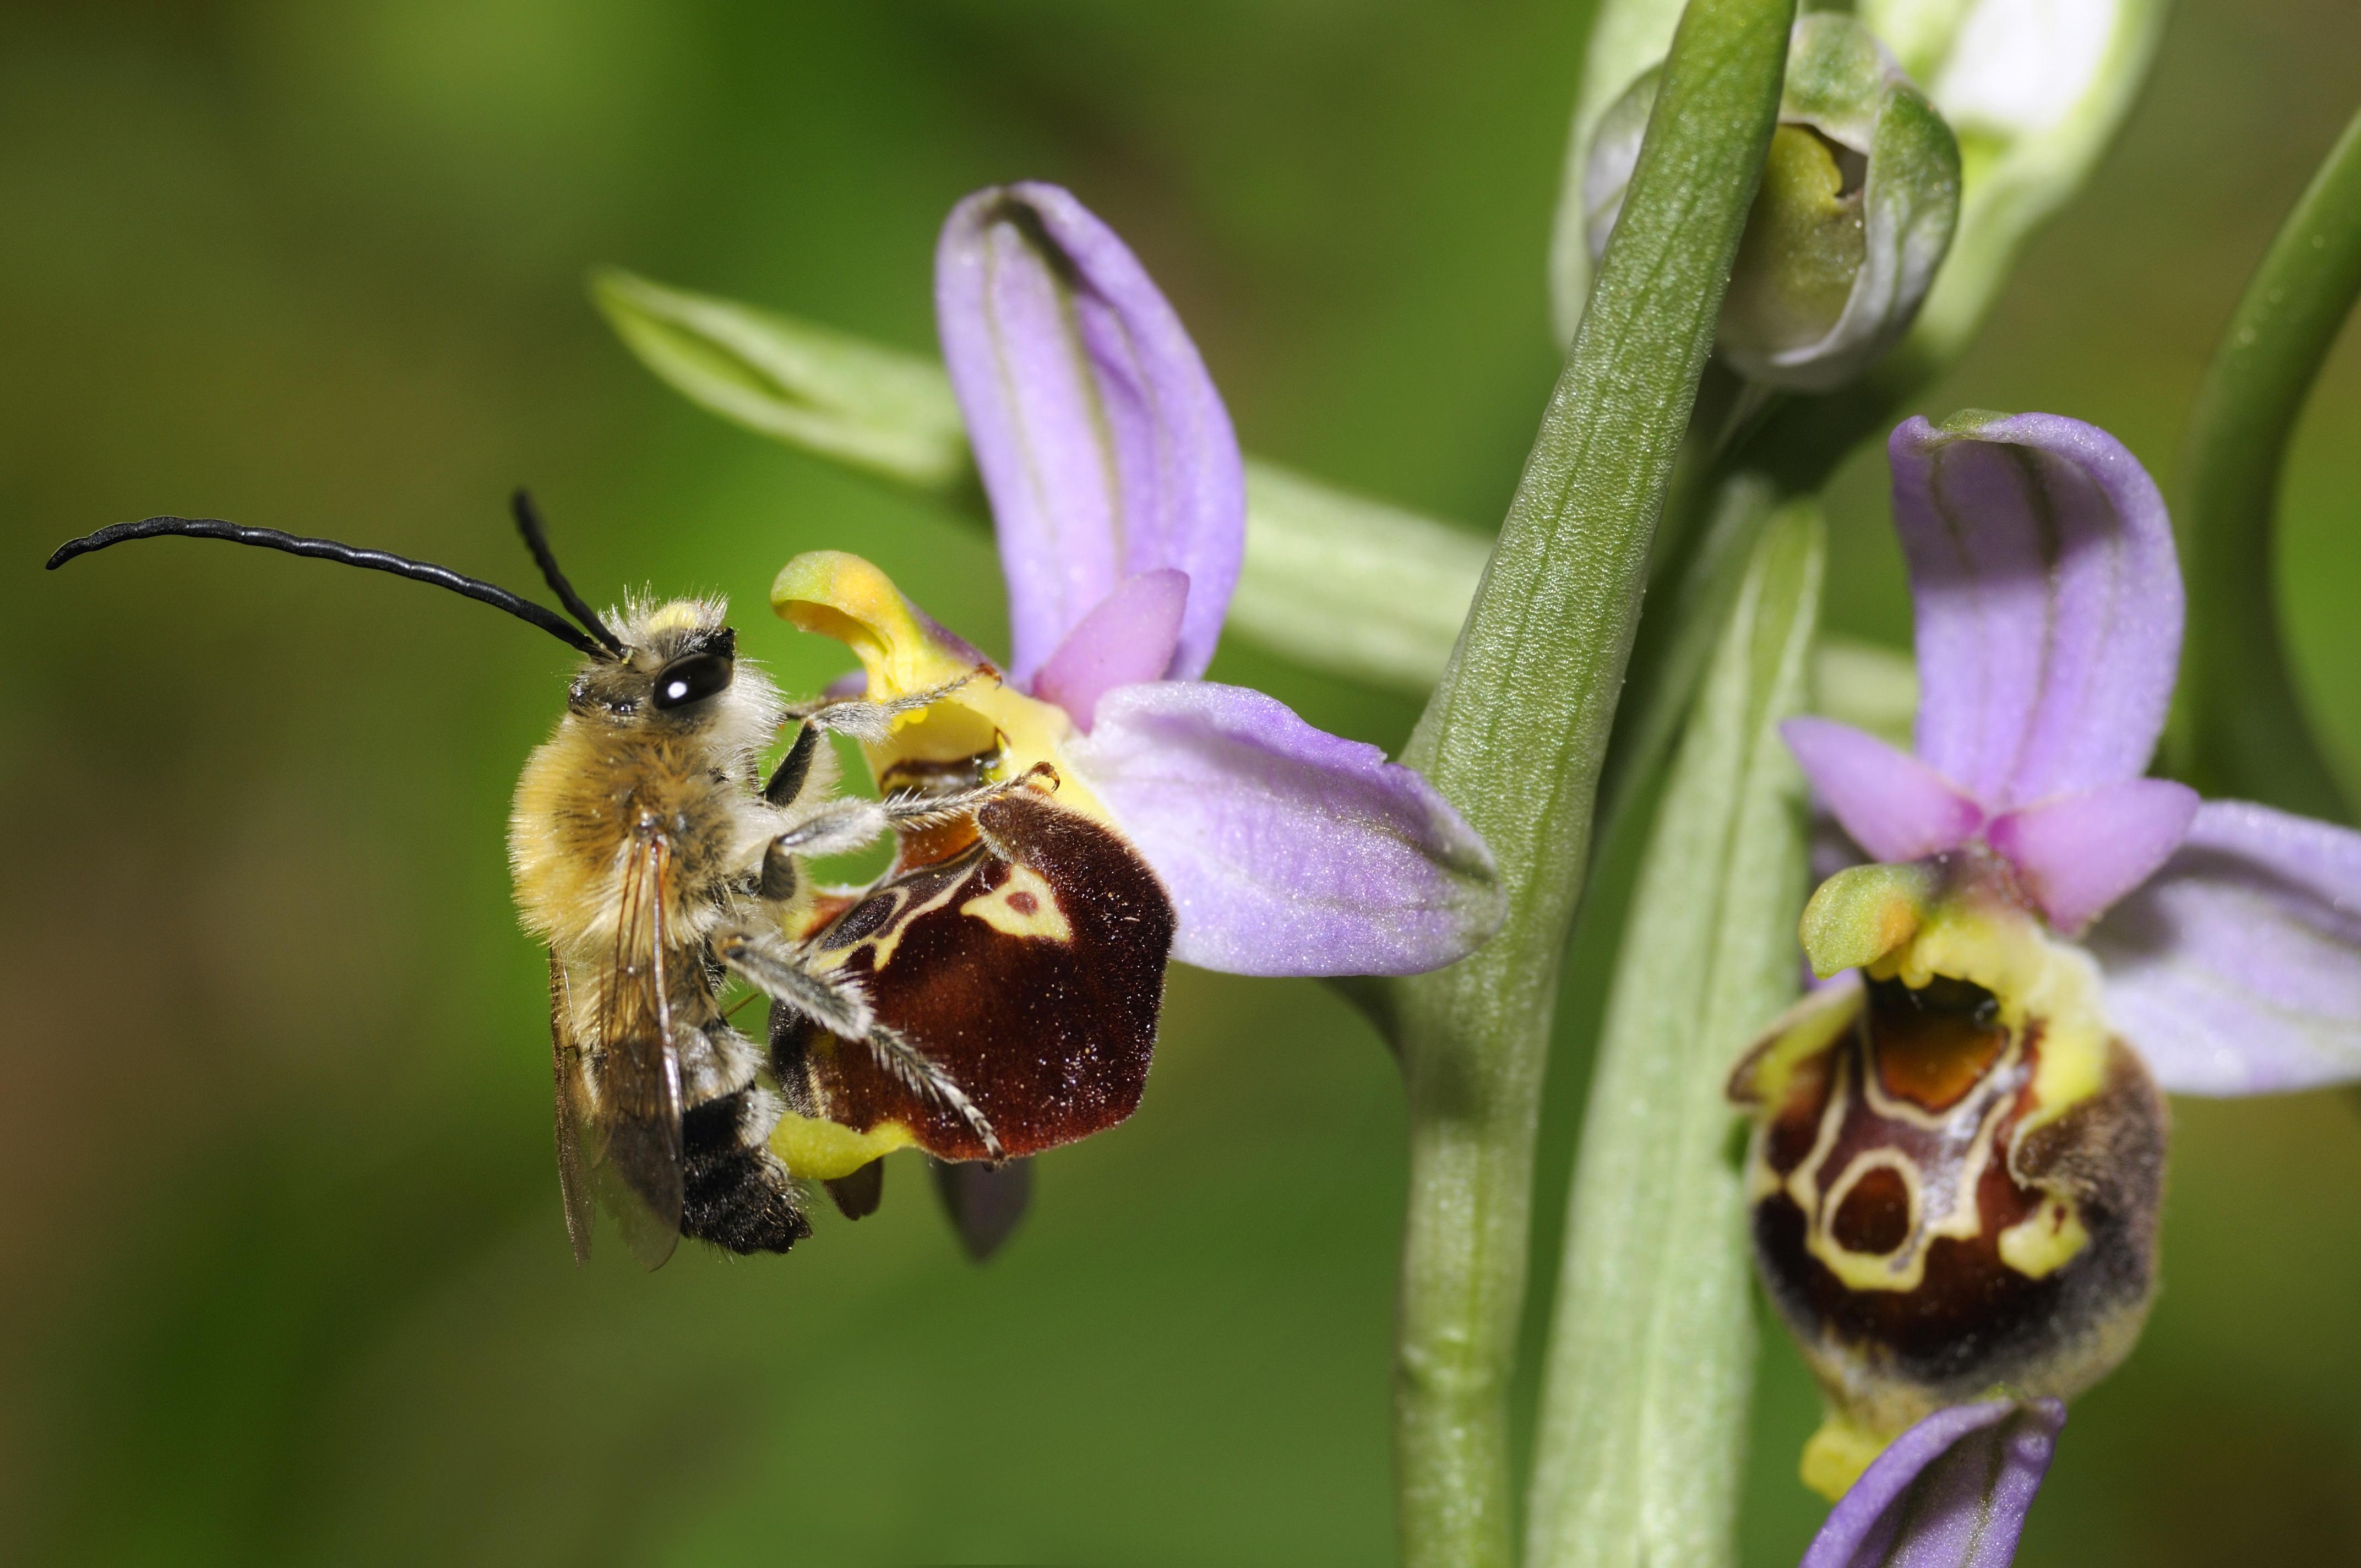 A rovarok 1-2 százaléka eltűnhet évente a Föld színéről